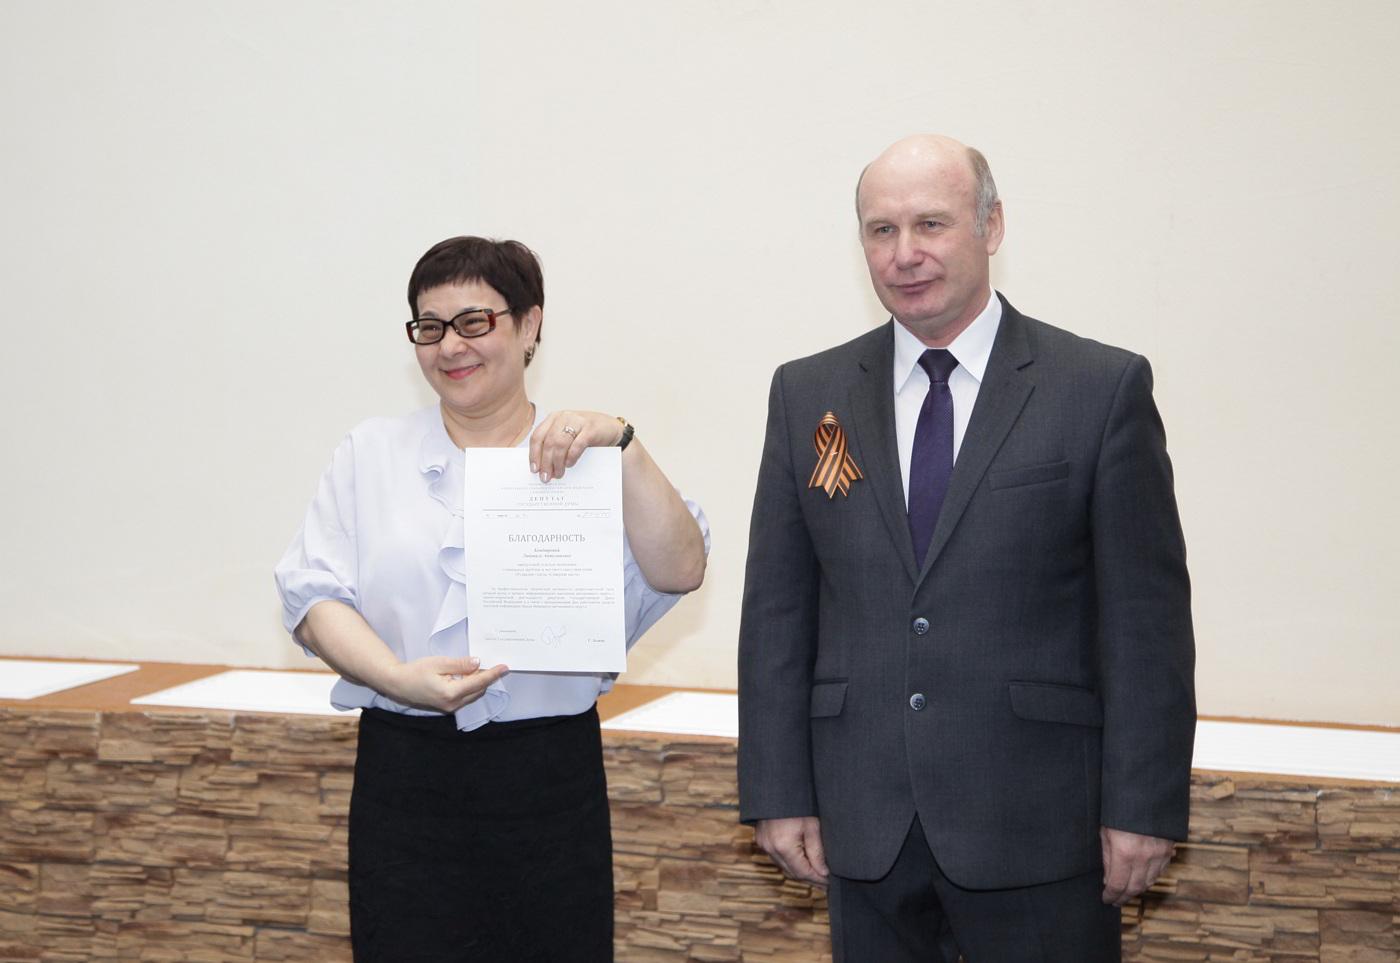 lusyaandreev